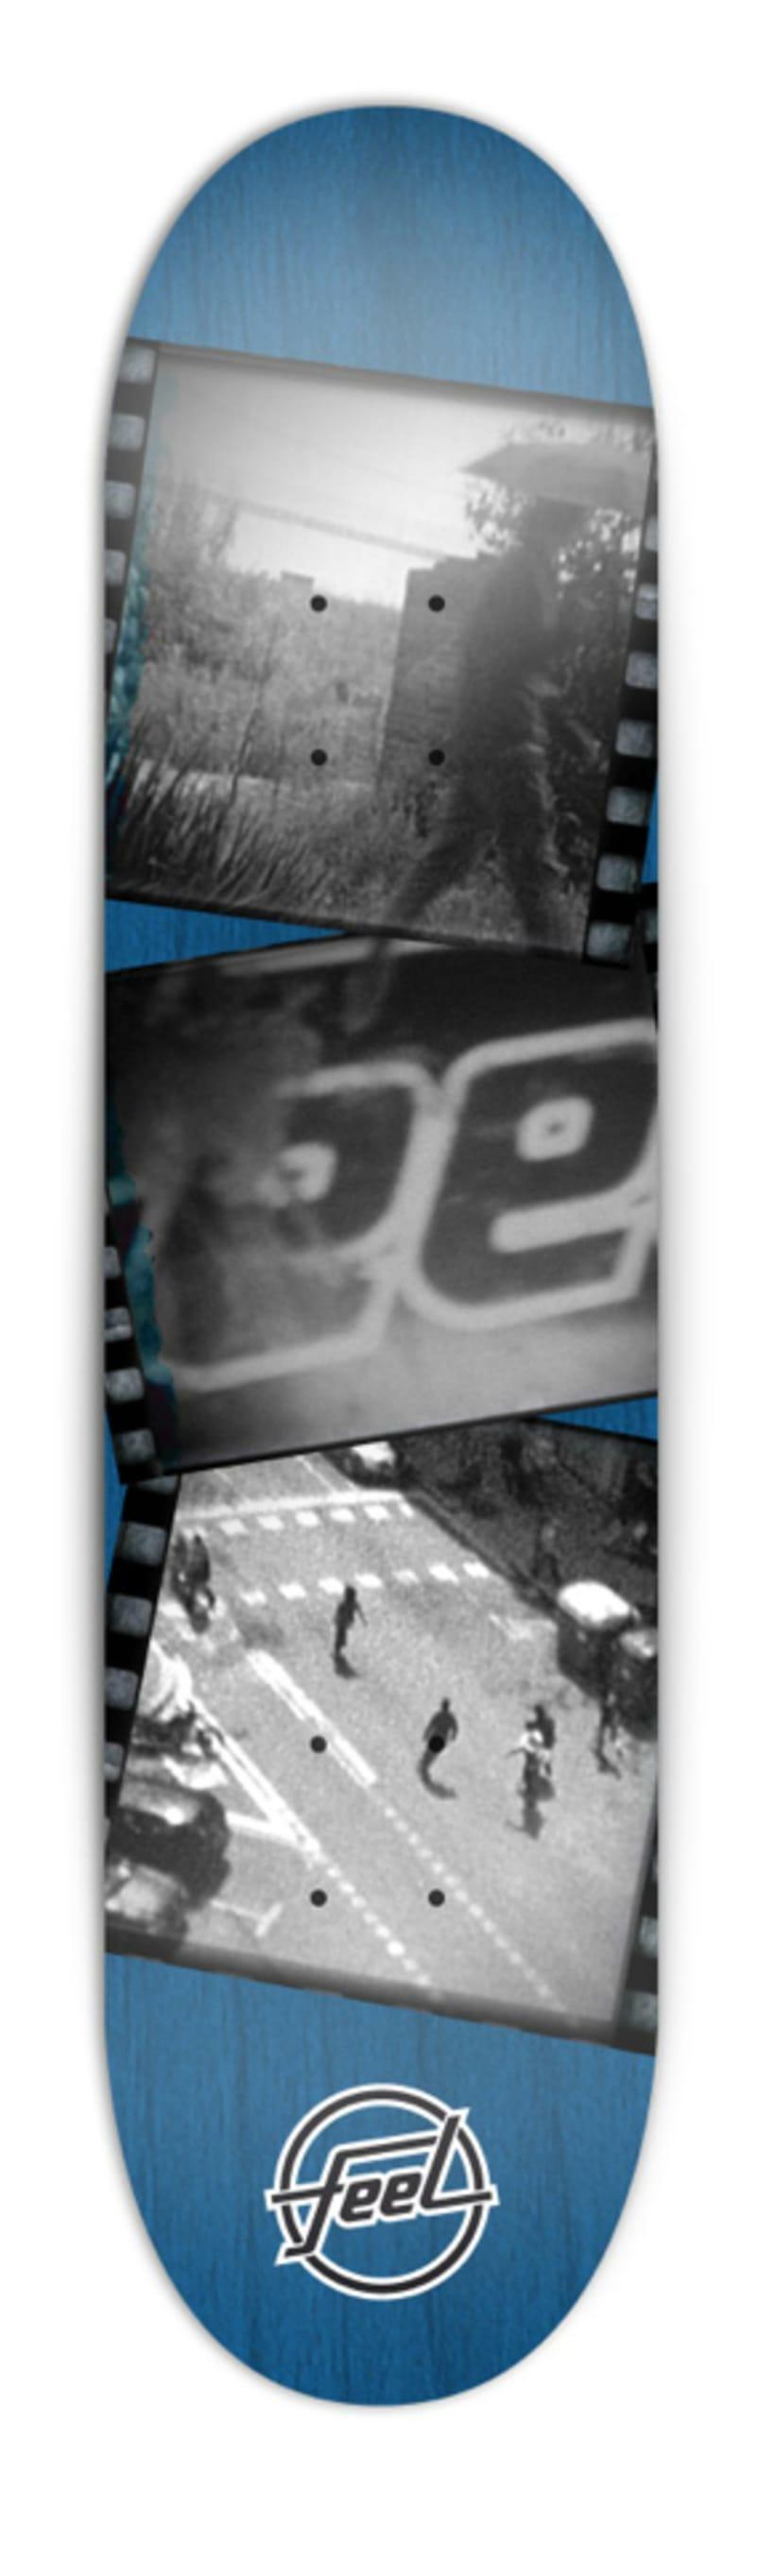 Feel Skateboards Decks 3